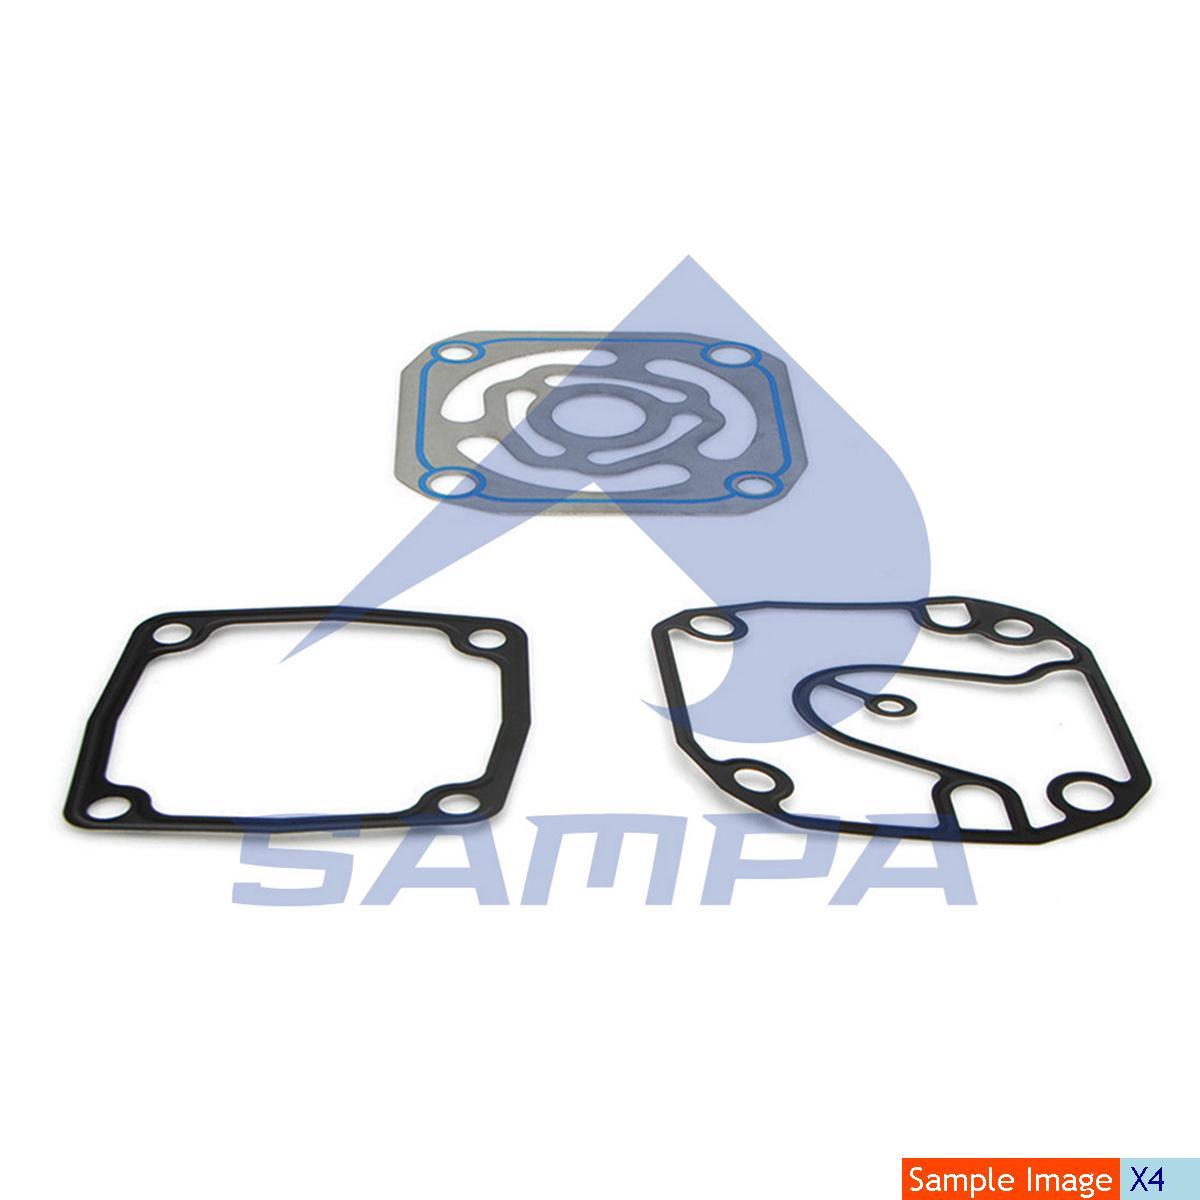 Gasket Kit, Compressor, Iveco, Compressed Air System